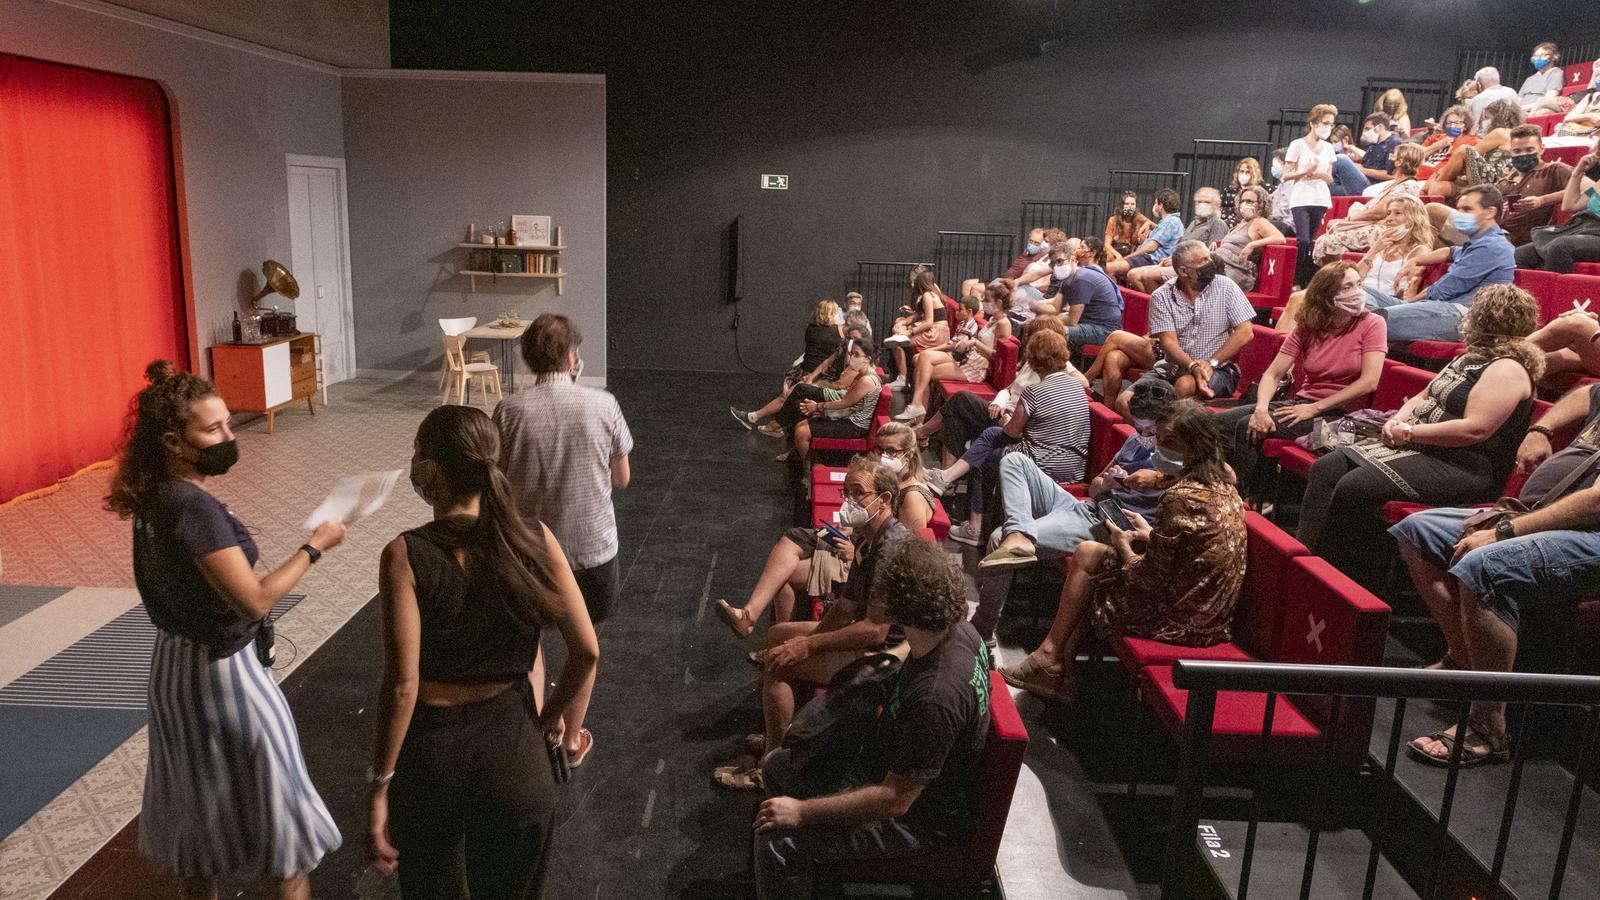 Públic entrant a la Sala Beckett just abans d'una funció aquest juliol